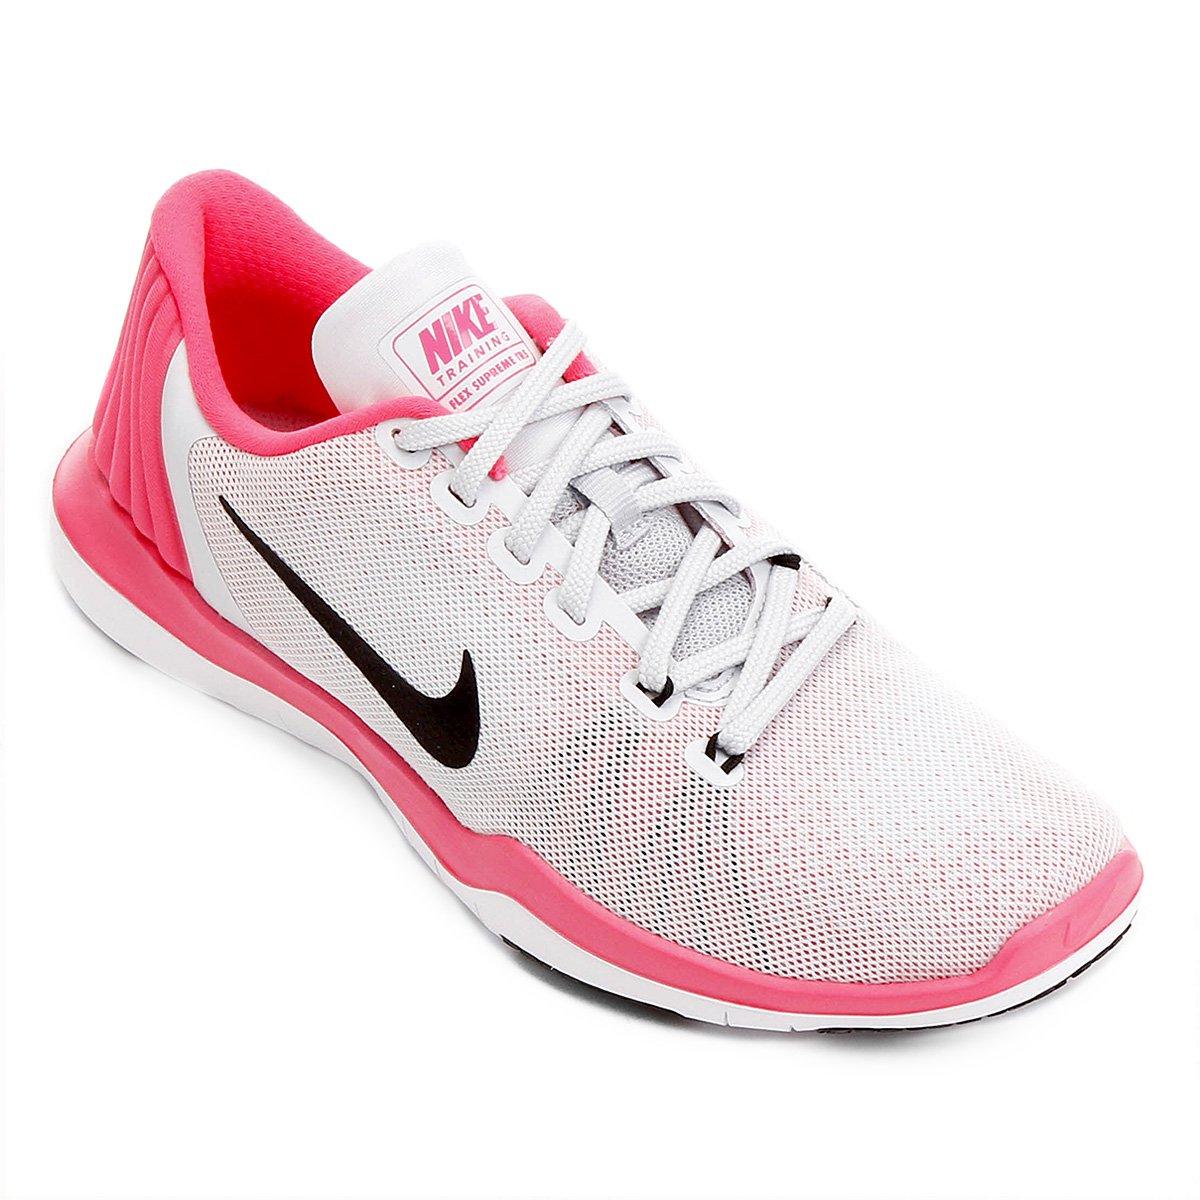 Tênis Nike Flex Supreme TR 5 Feminino - Branco e Rosa - Compre Agora ... 29eeba89c24be